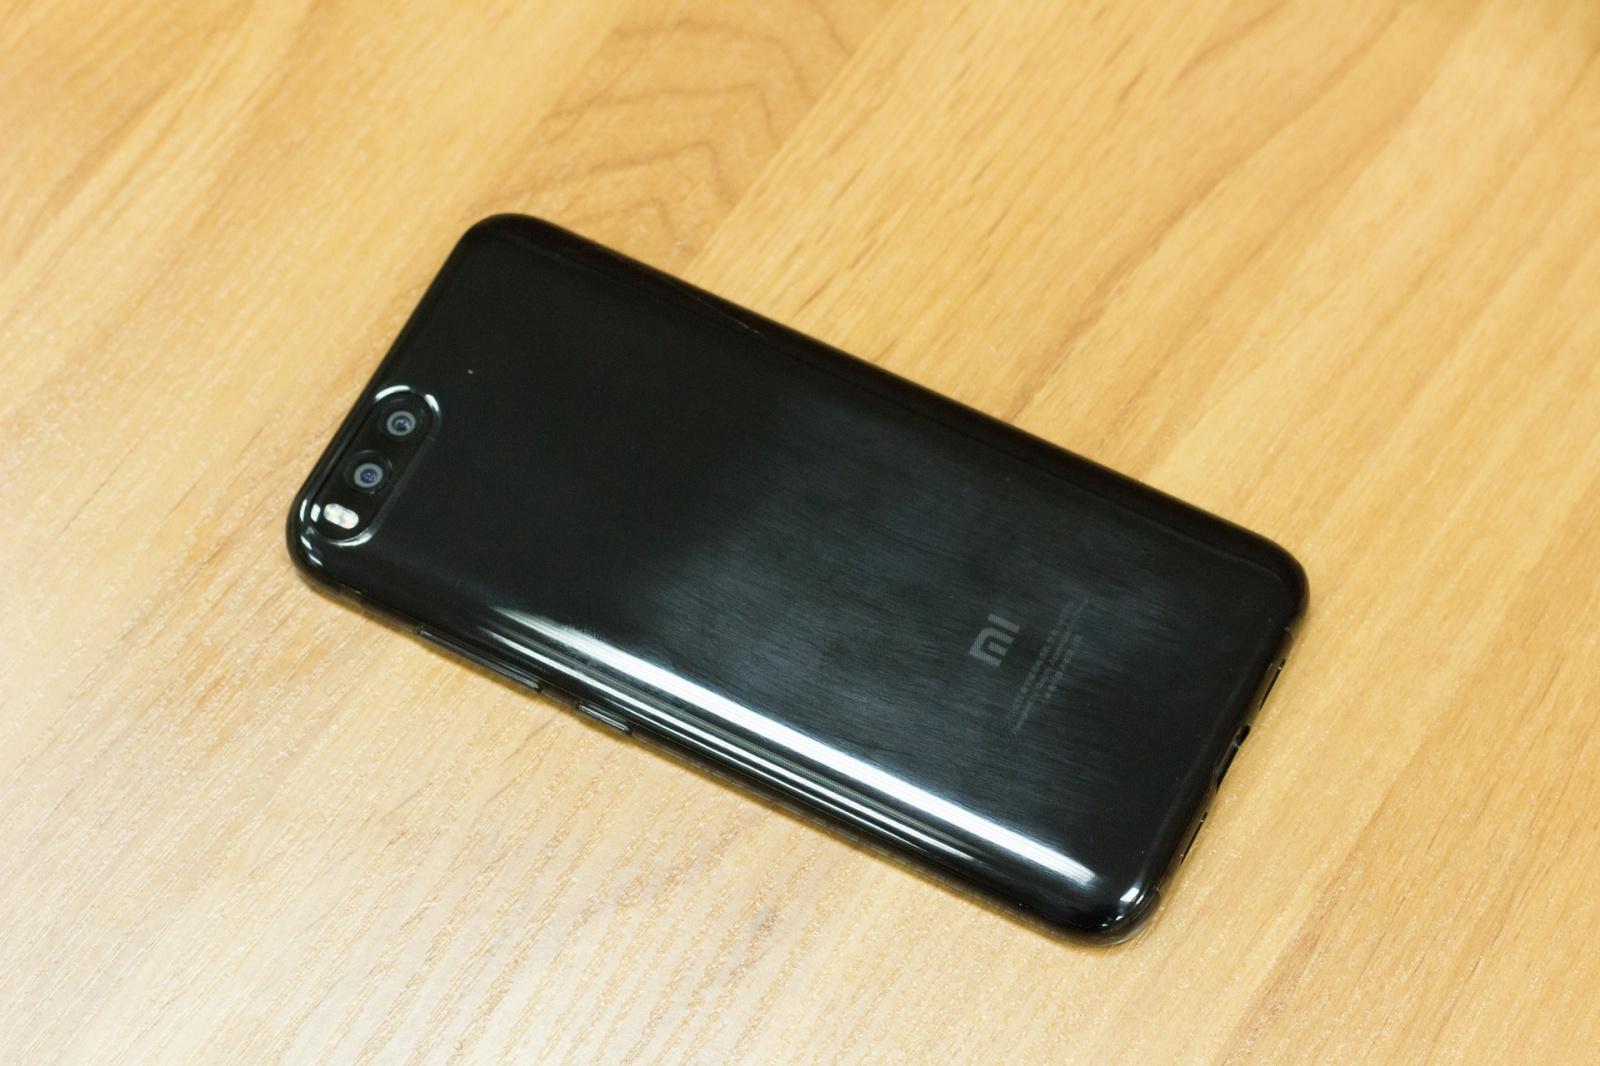 Обзор Xiaomi Mi6. Настоящий флагман за полцены, и при этом не совсем лопата - 16